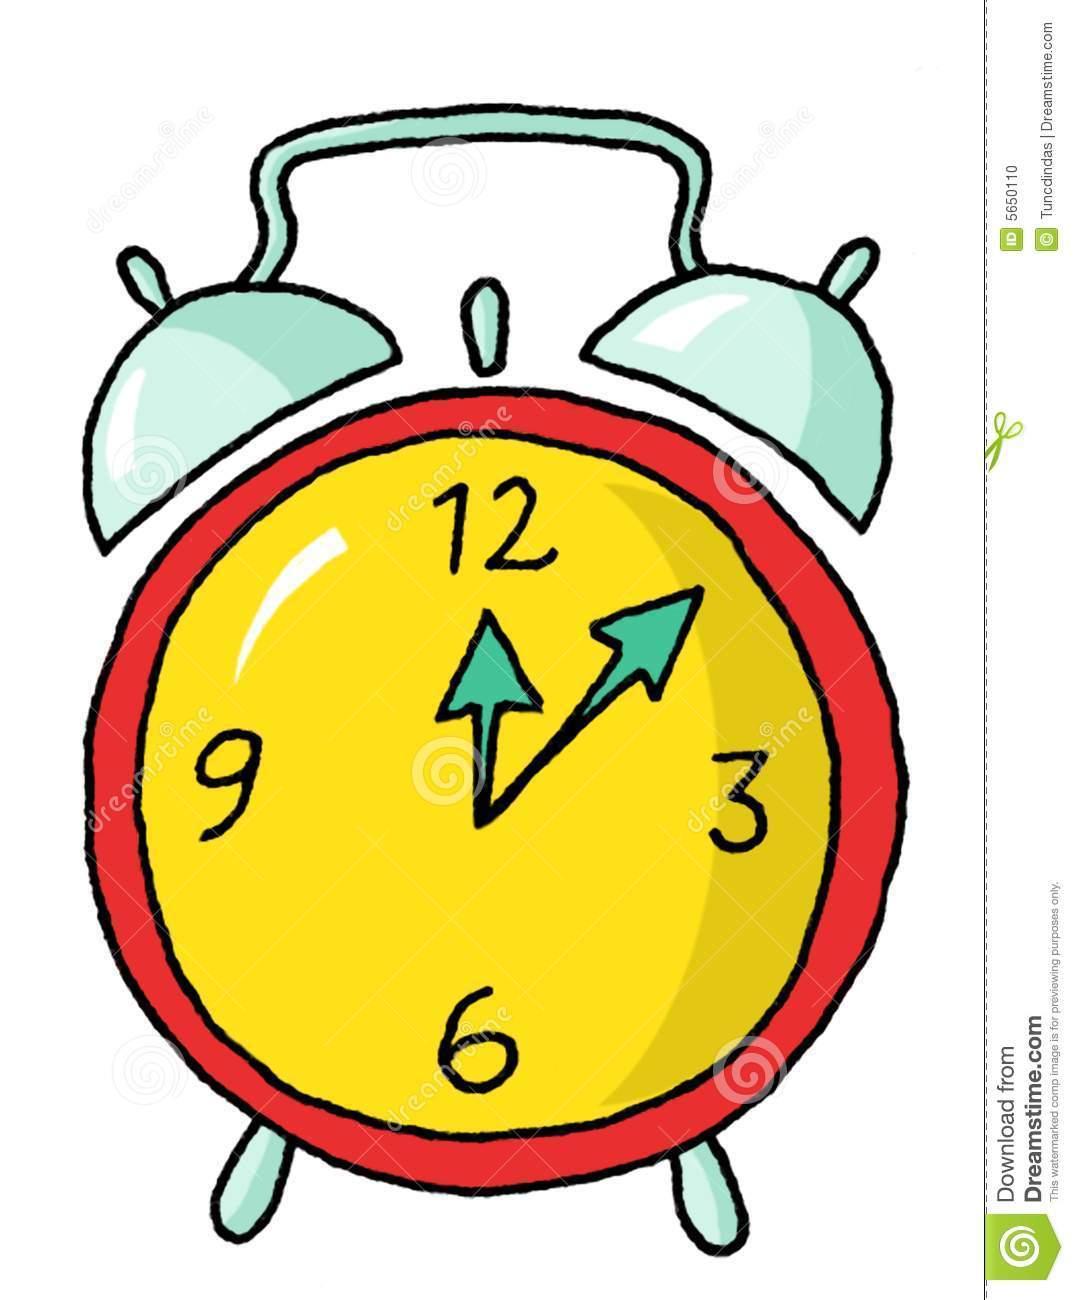 Timeclock clipart 2 » Clipart Portal.